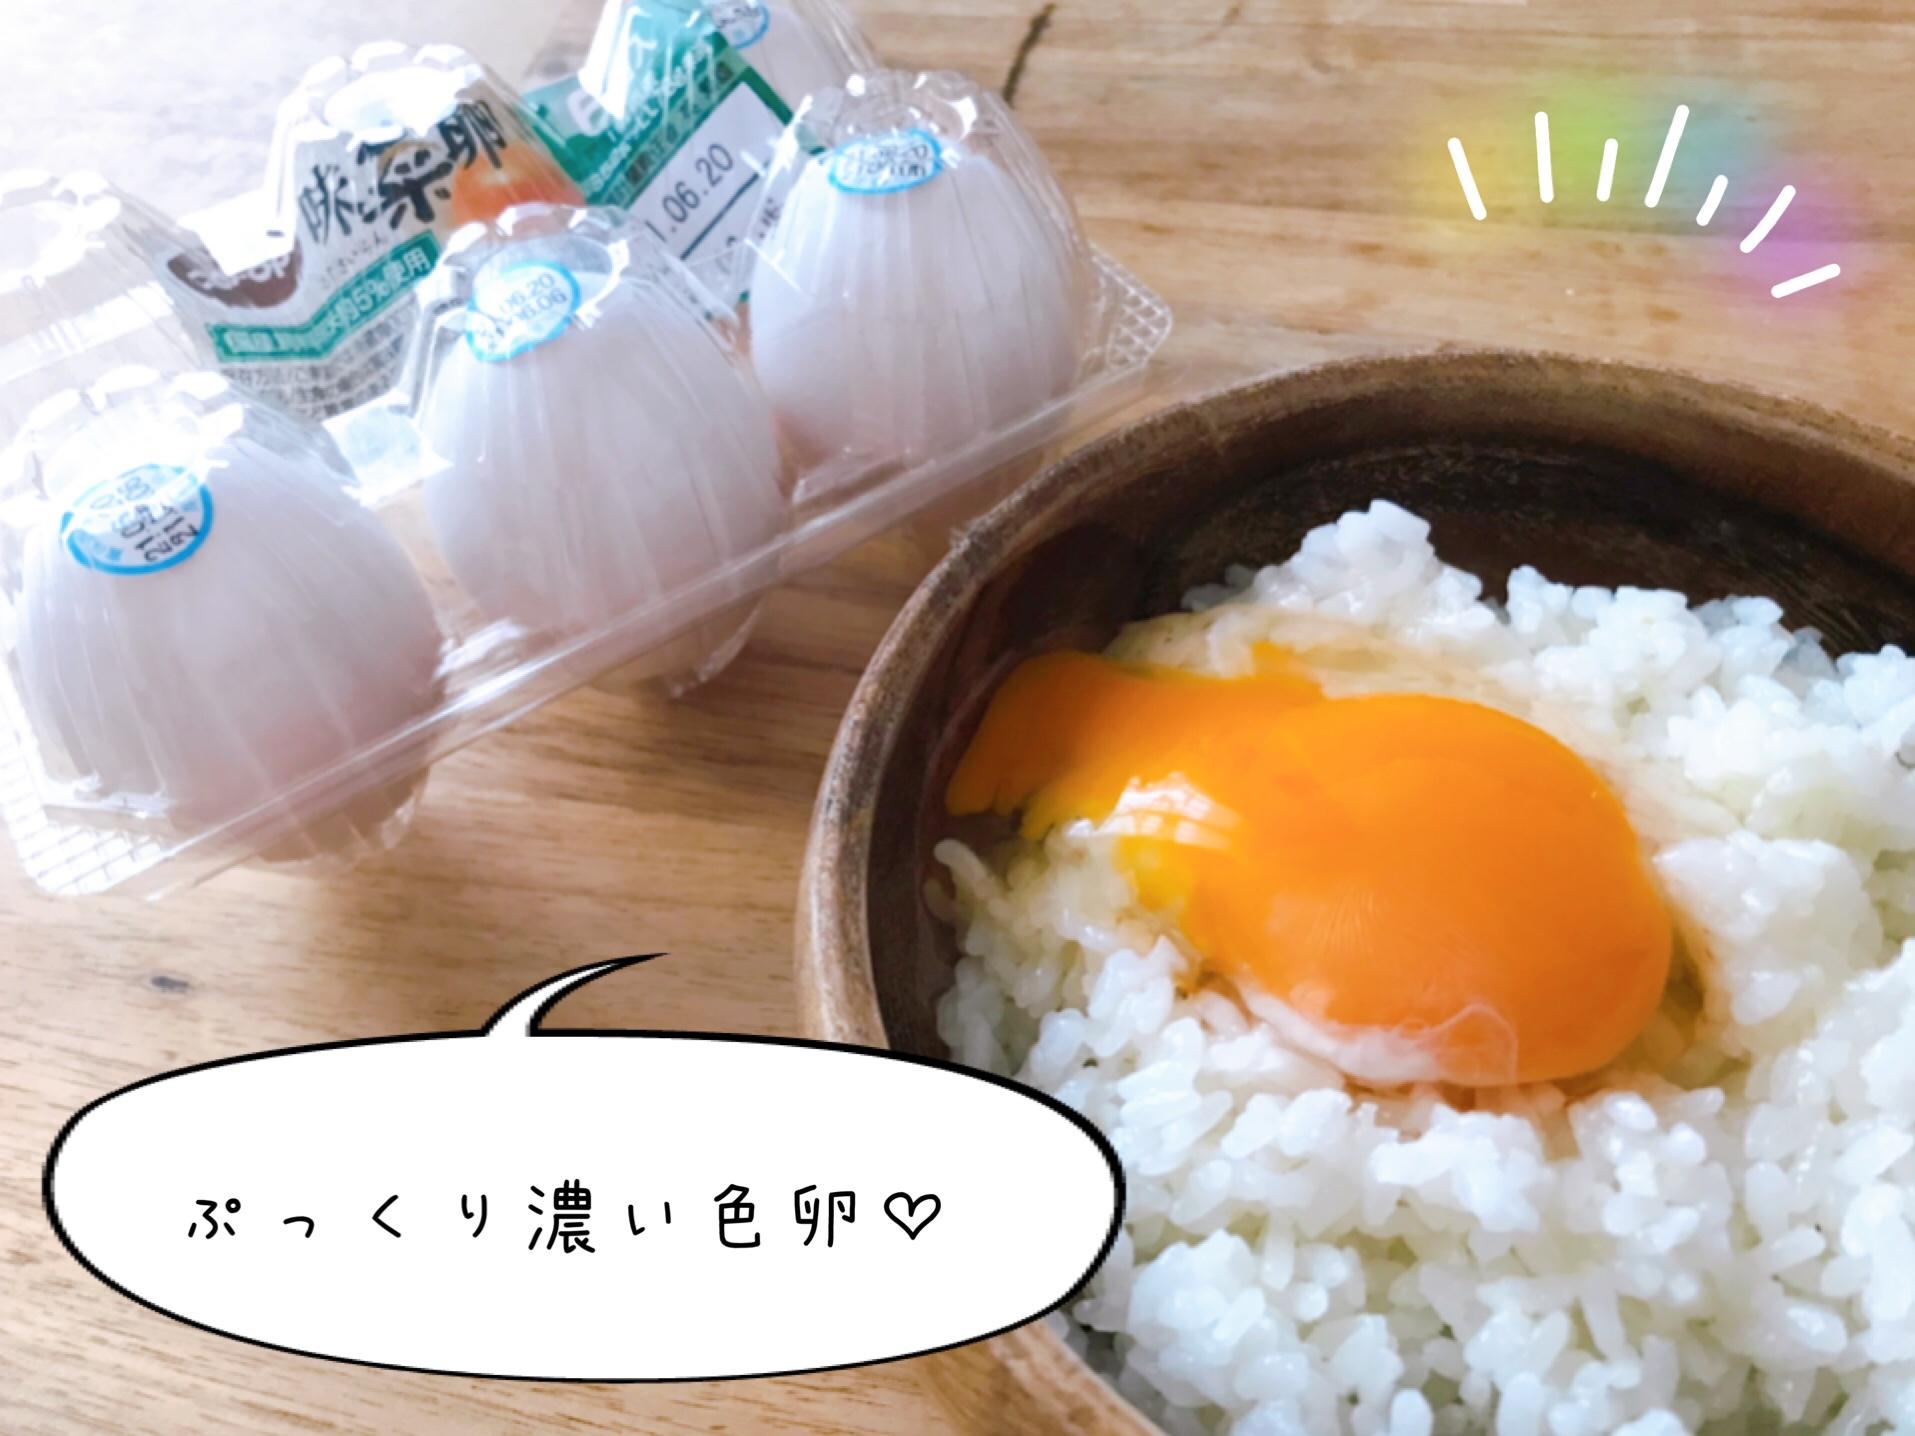 おうちコープ食材6品無料キャンペーン